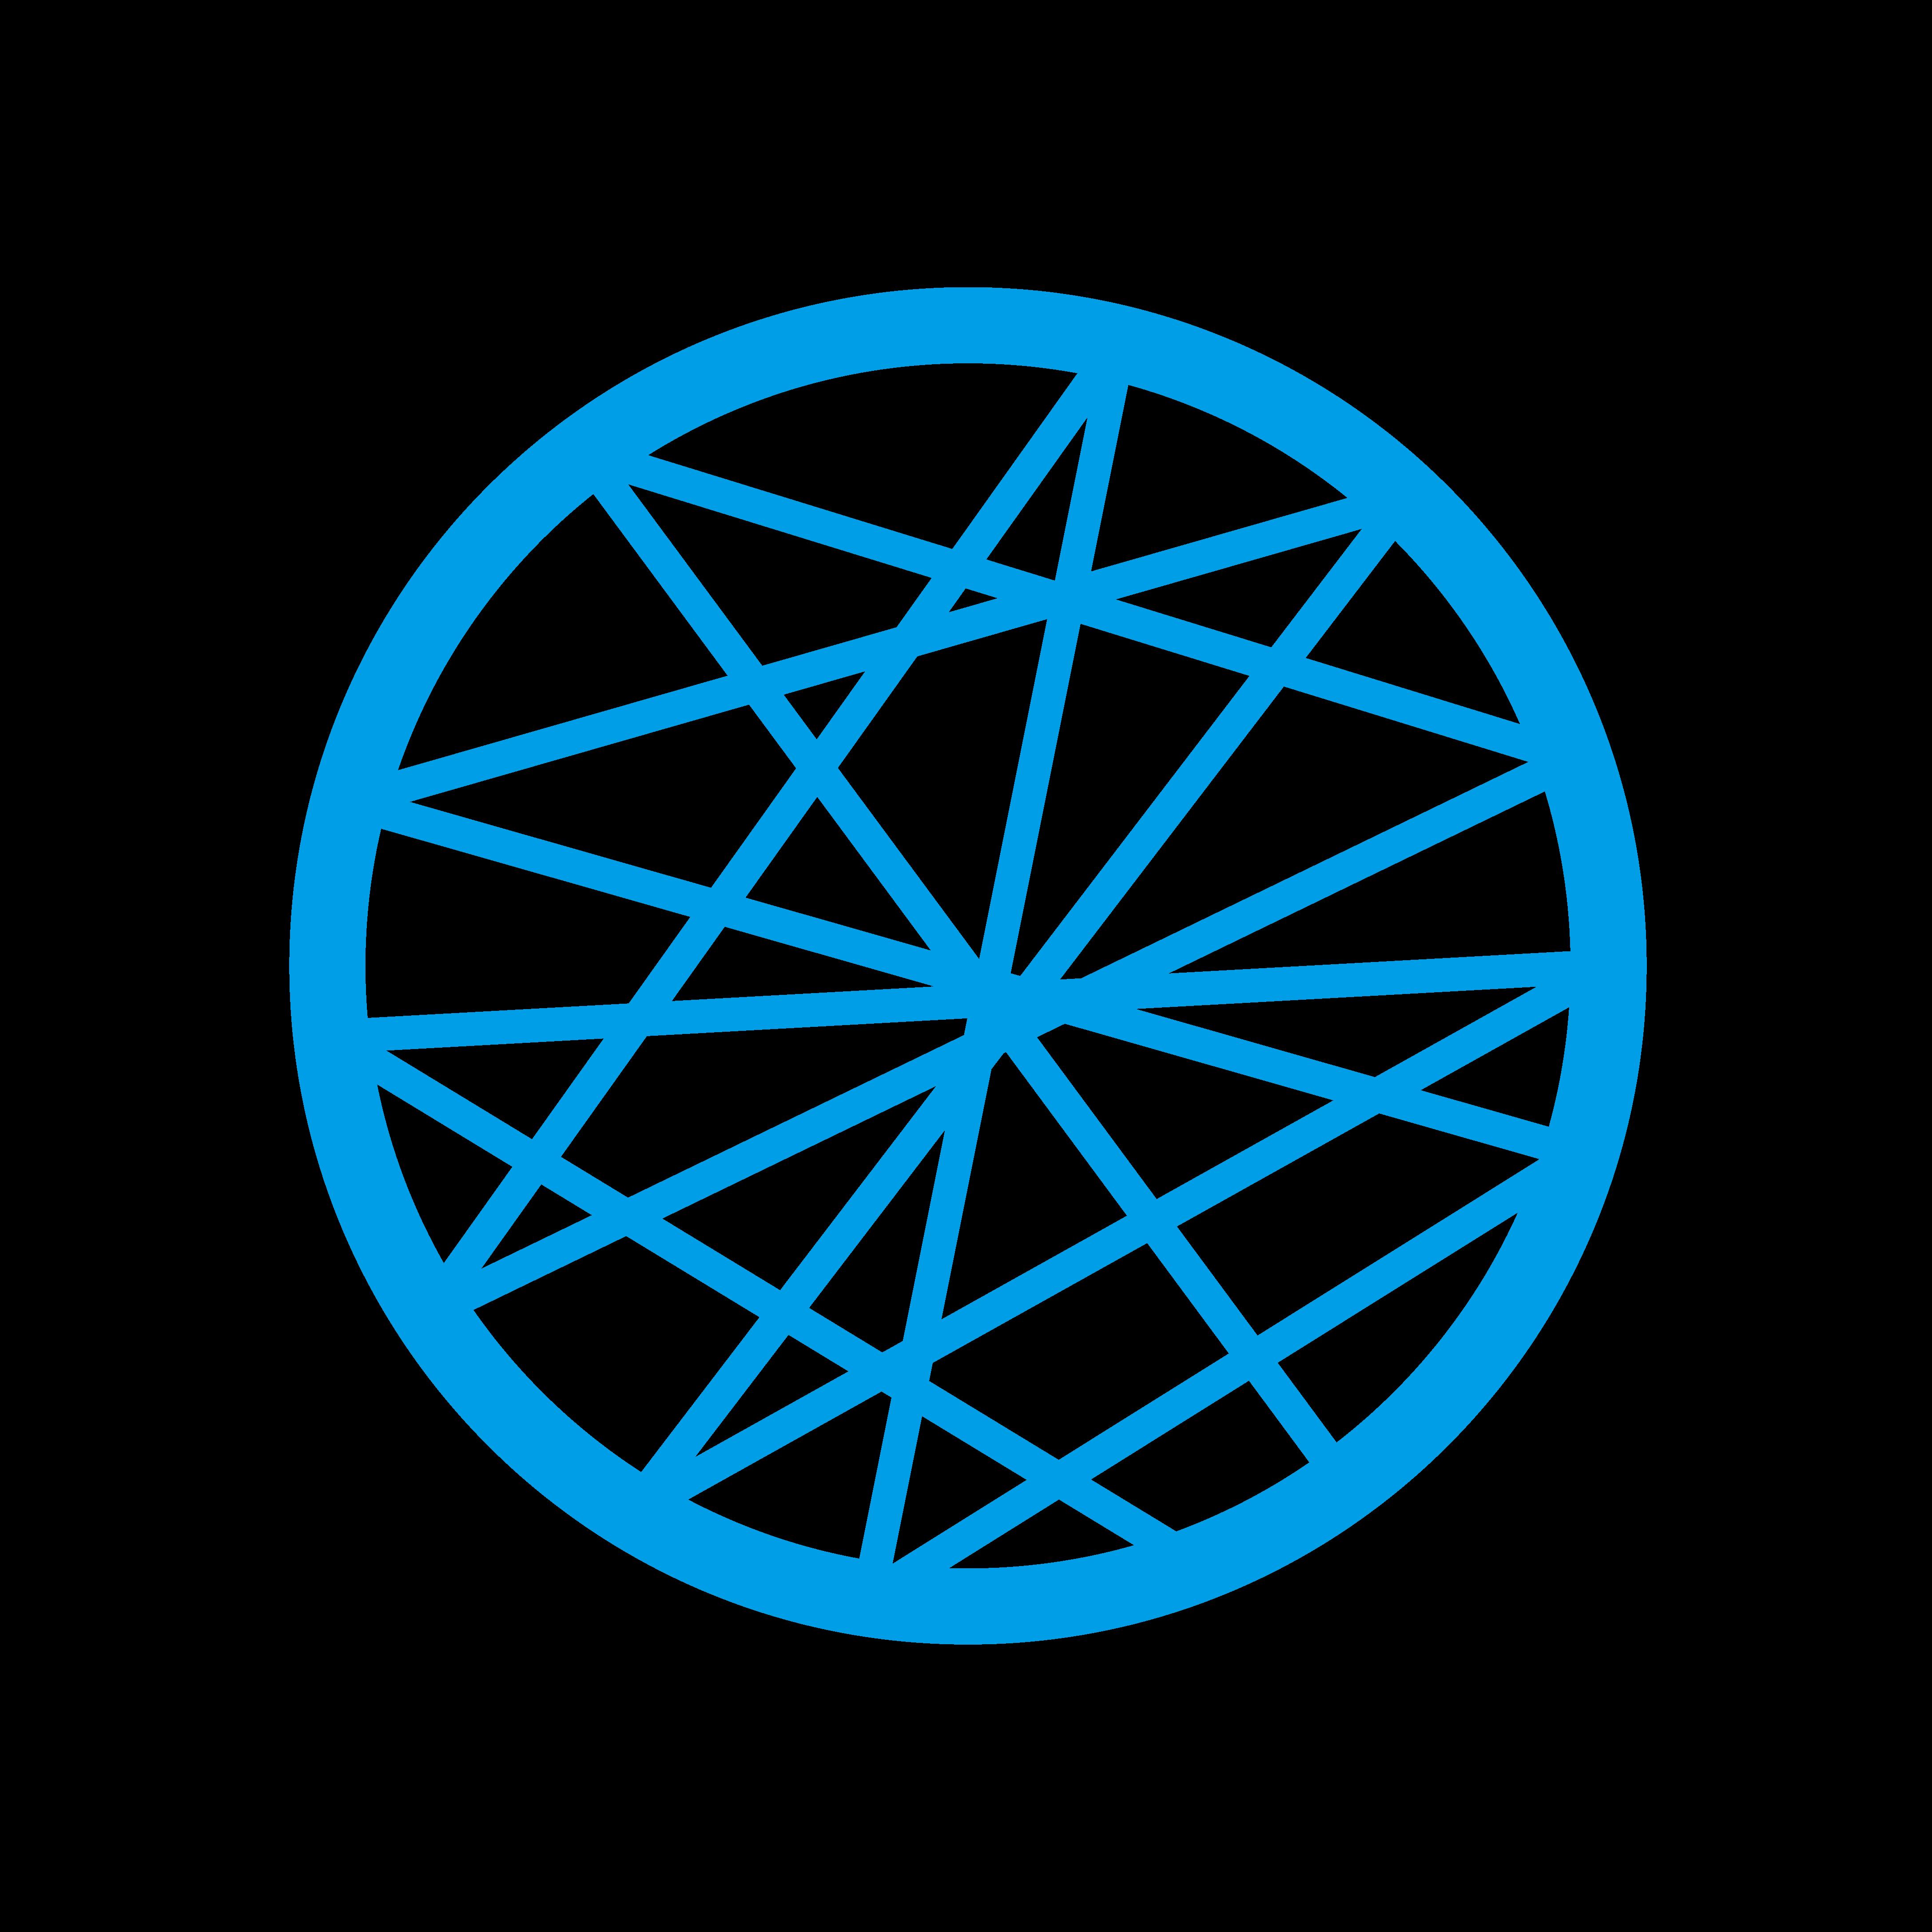 Go to SmallWorld's profile